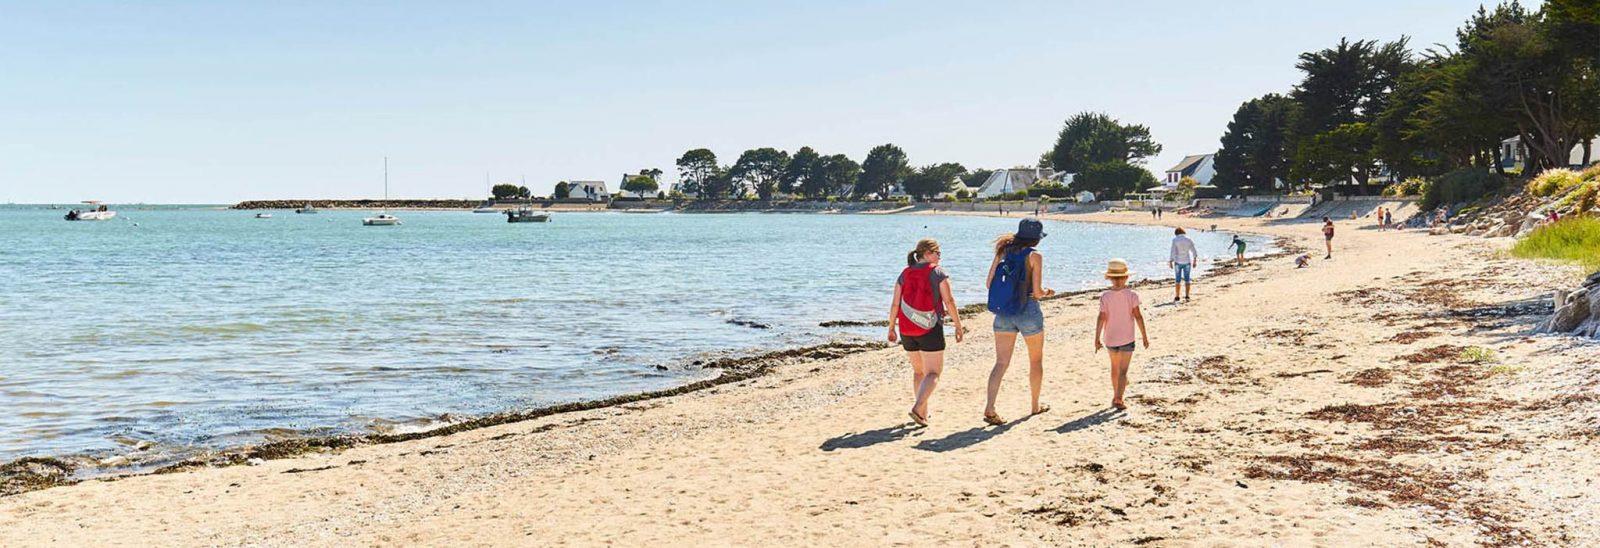 Plage du Bil Damgan Morbihan